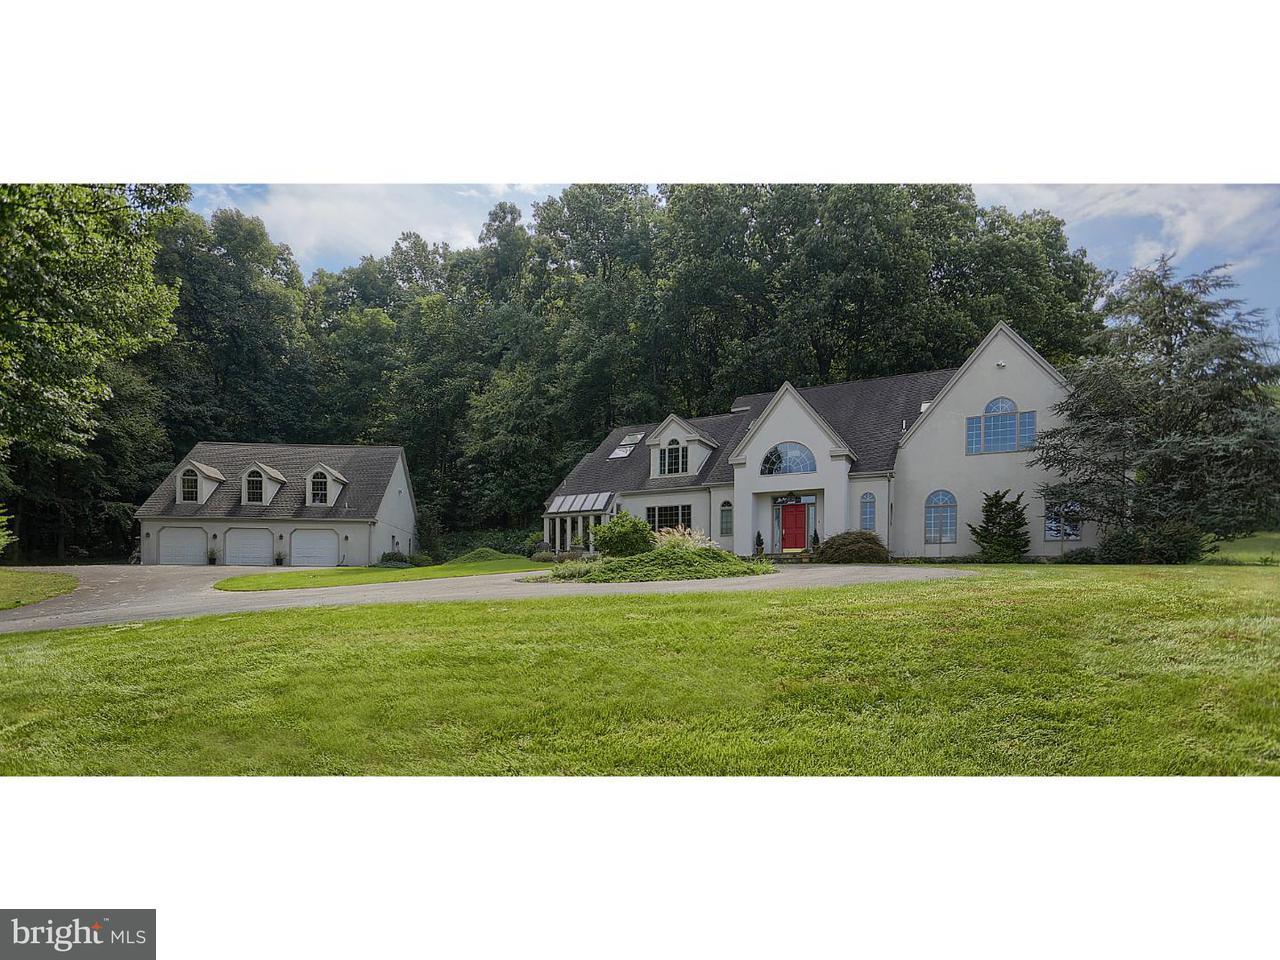 独户住宅 为 销售 在 270 PRESTON Road Wernersville, 宾夕法尼亚州 19565 美国